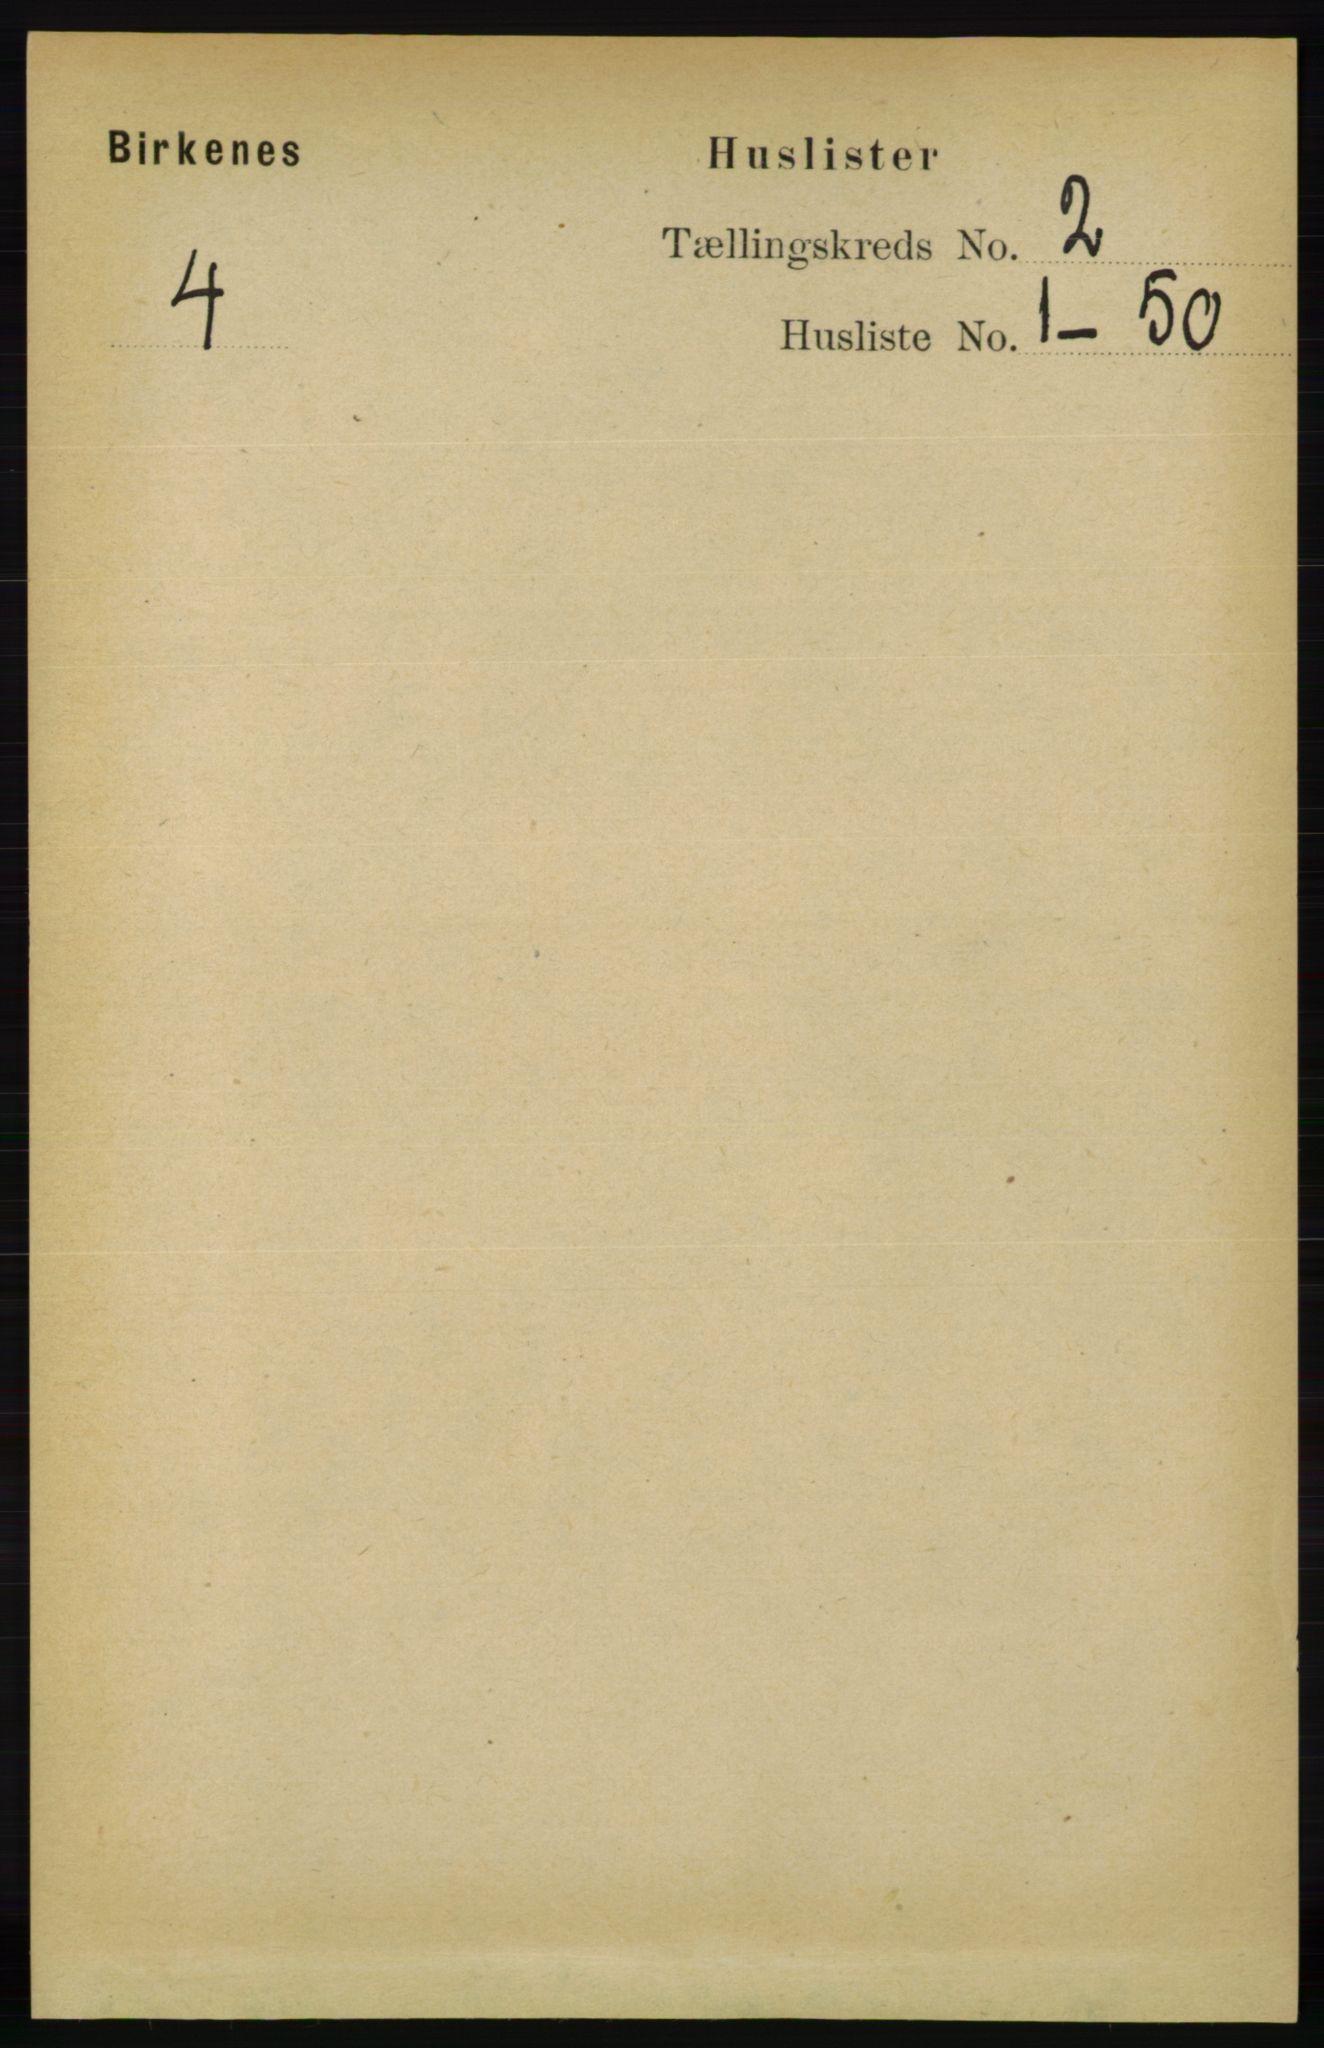 RA, Folketelling 1891 for 0928 Birkenes herred, 1891, s. 447